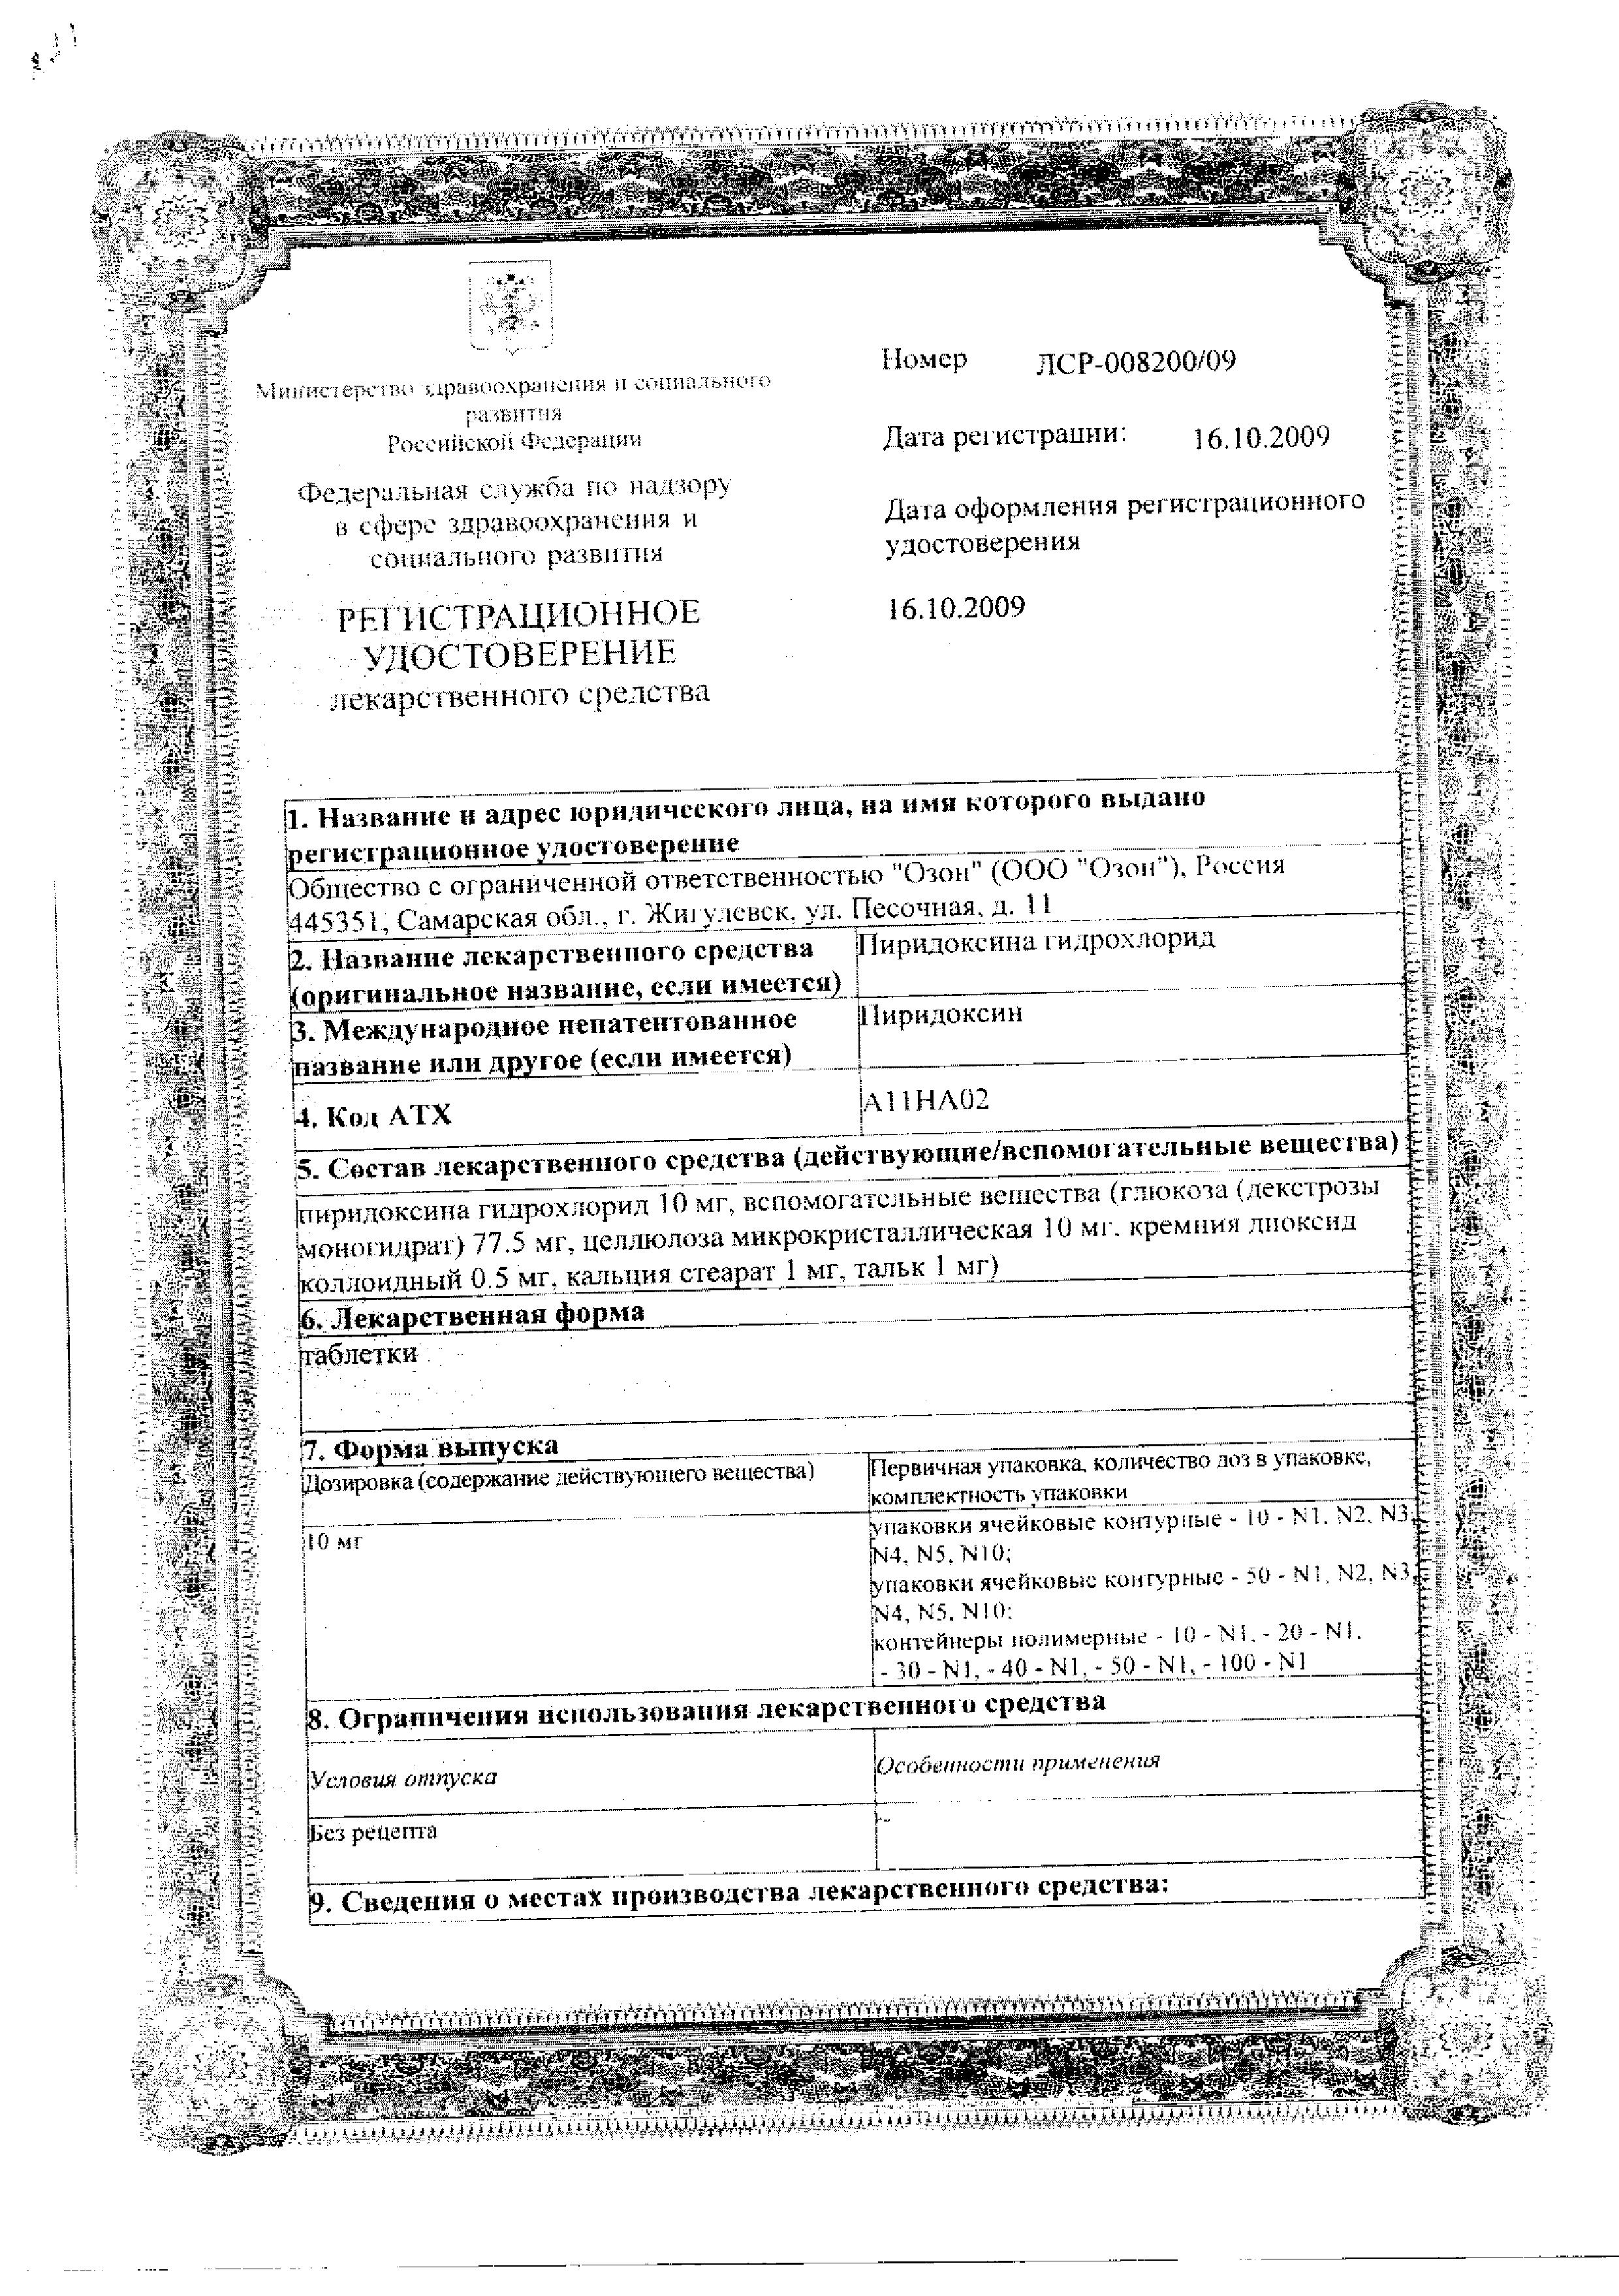 Пиридоксина гидрохлорид сертификат